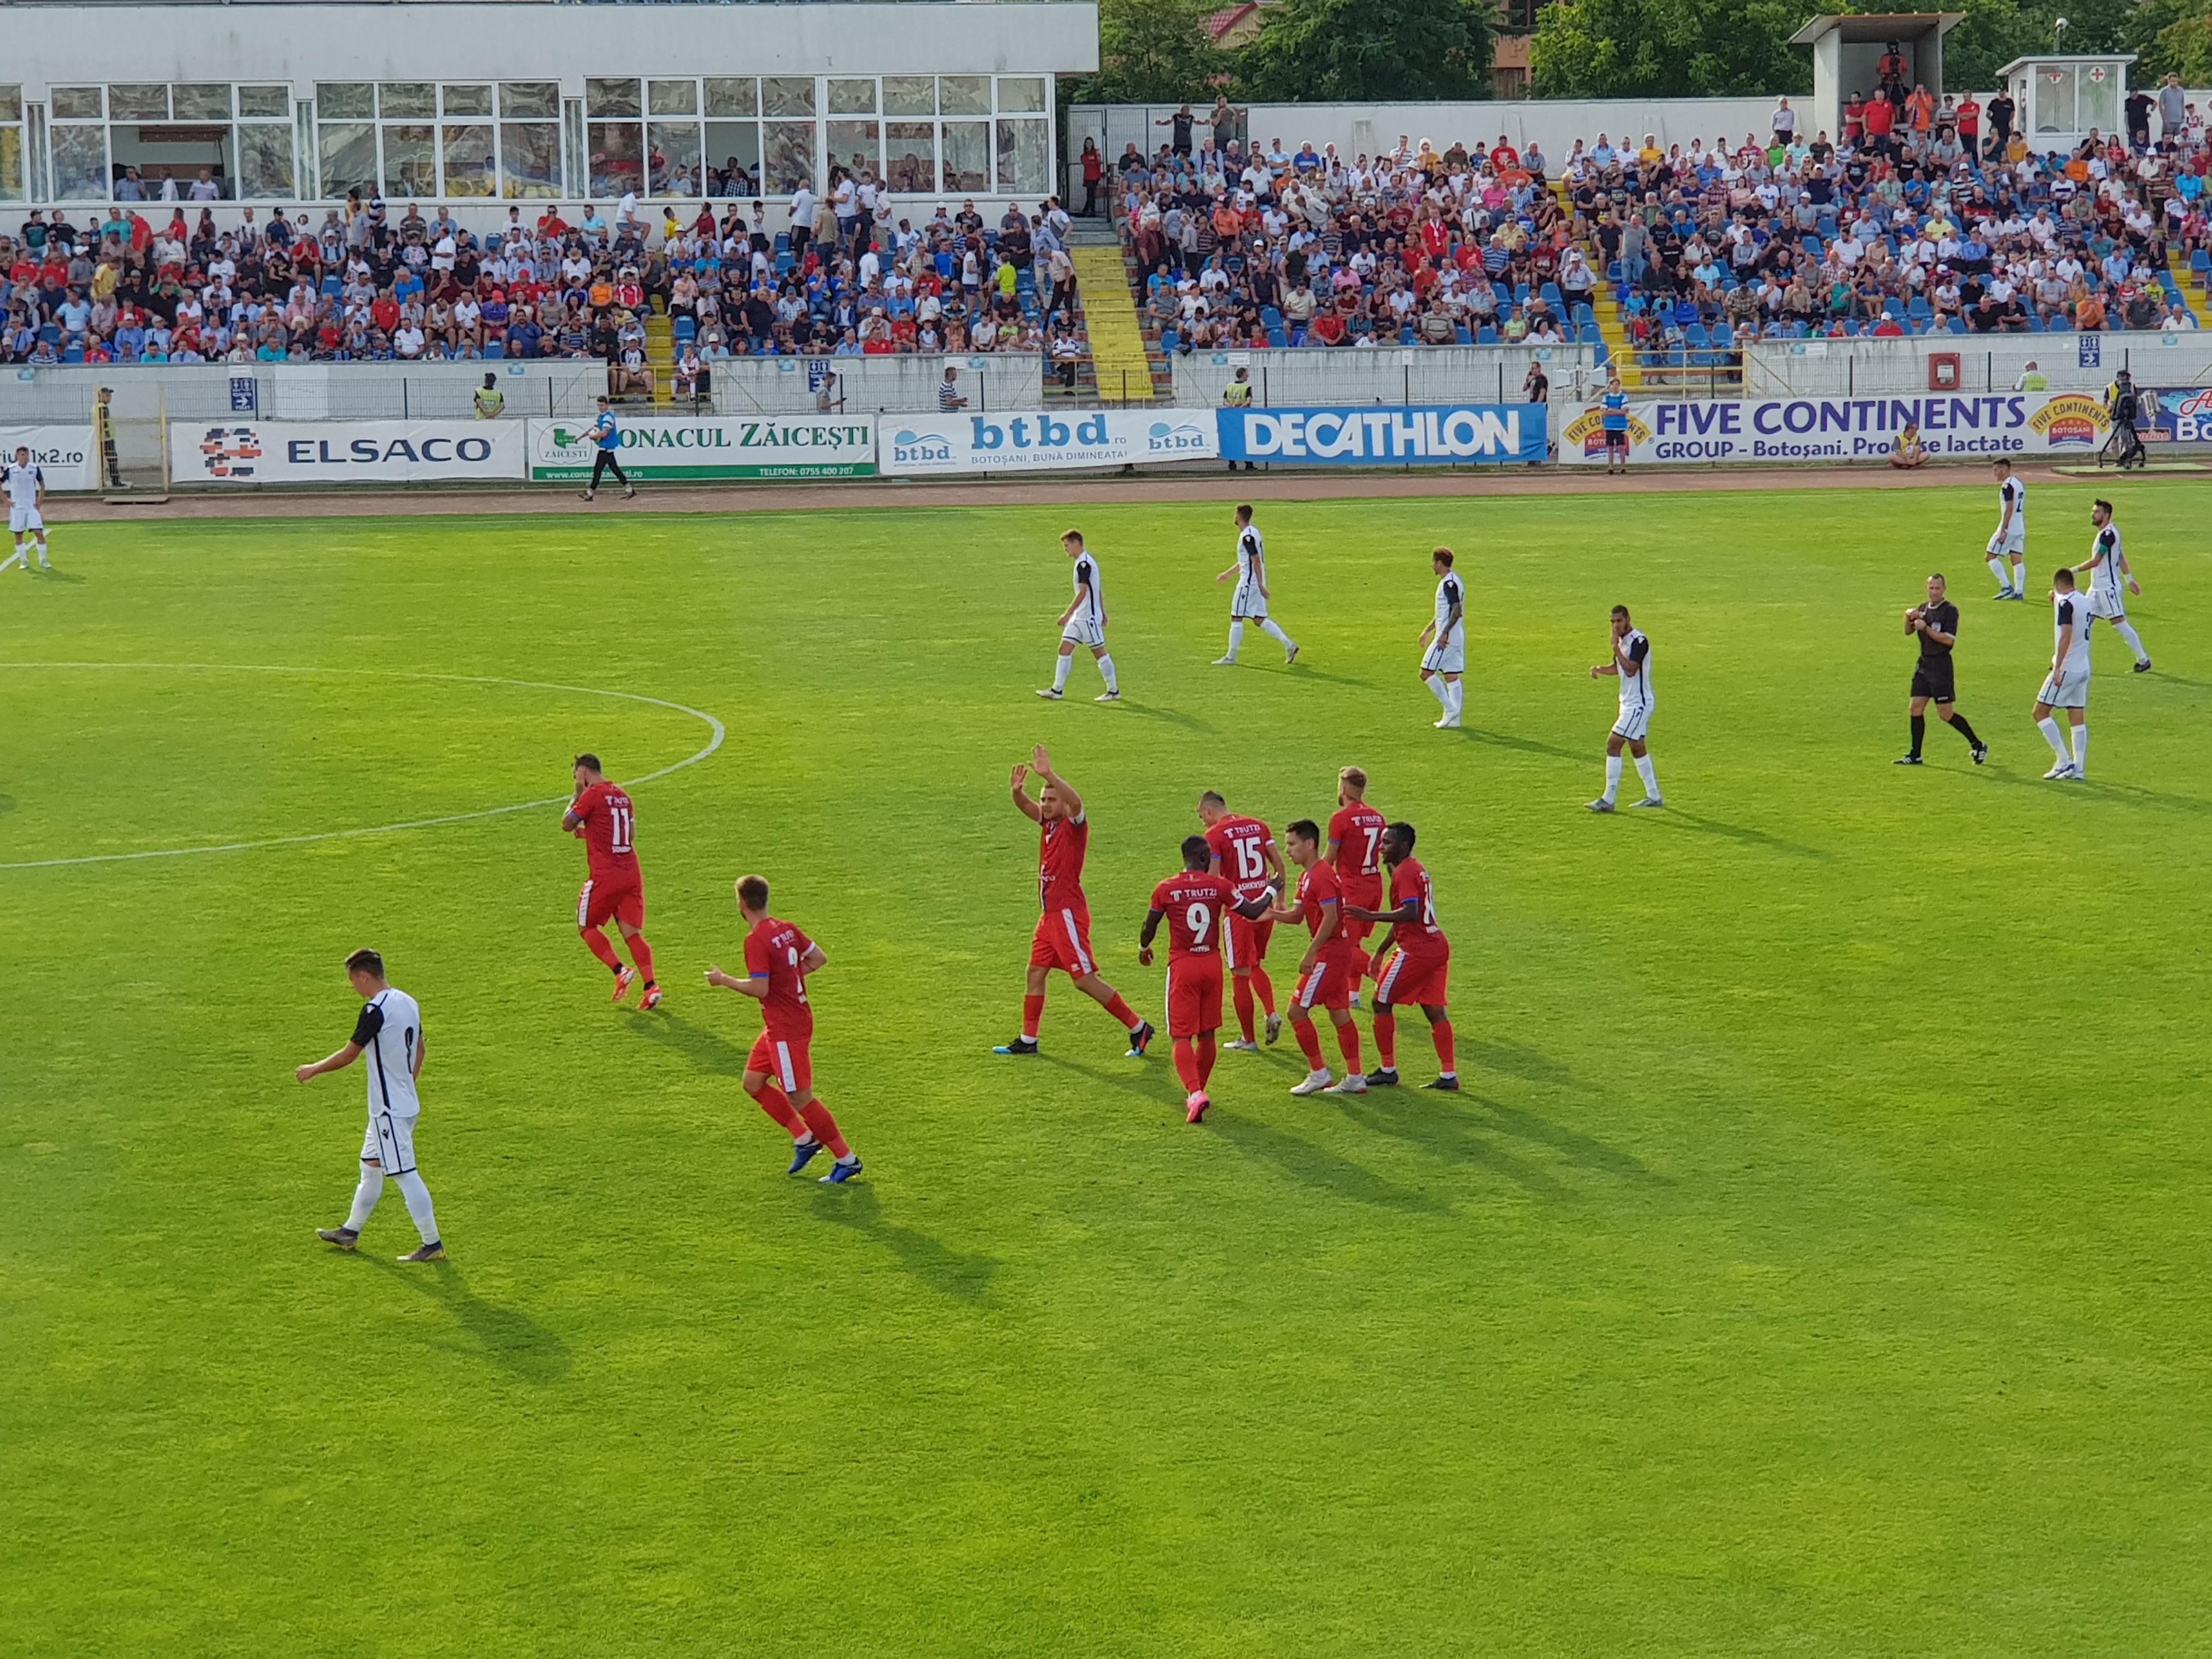 Botoșani – Voluntari 4-1. Victorie categorică a botosanenilor în fața propriilor suporteri